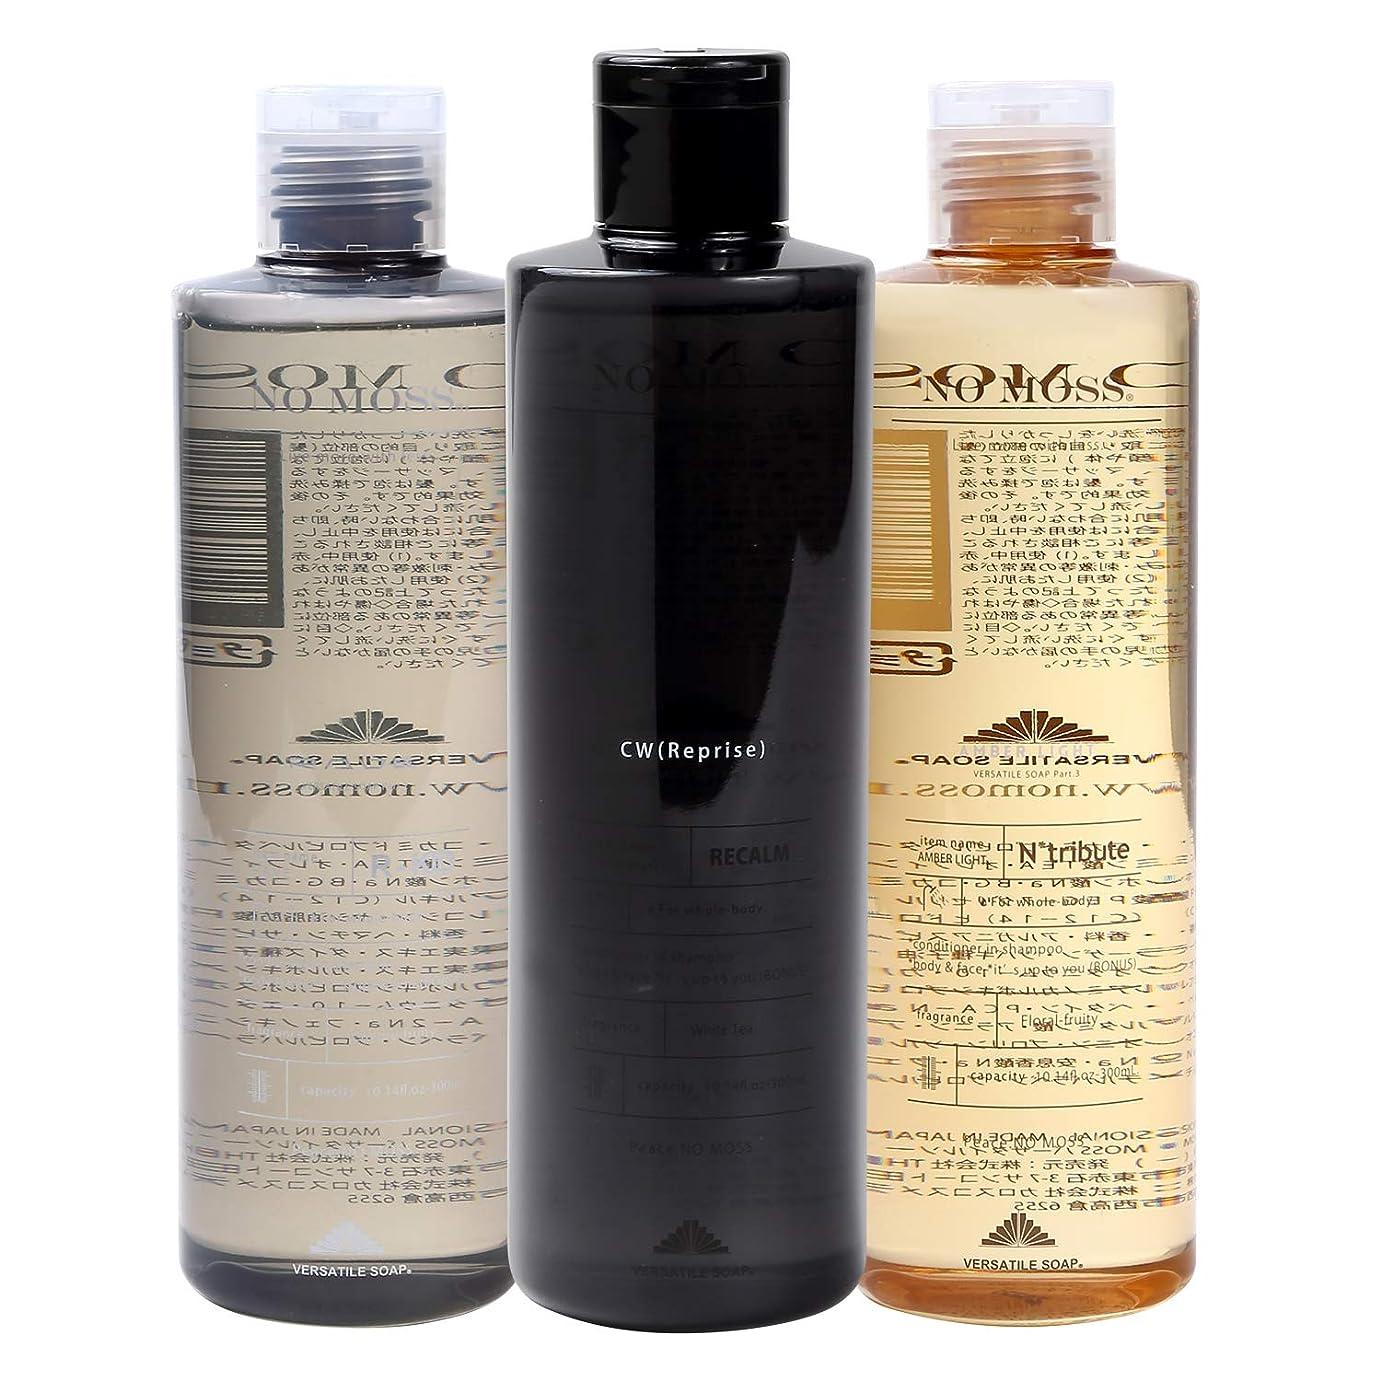 属する急襲フレットNO MOSS VERSATILE SOAP(ノーモス バーサタイル ソープ) 300ml FULLセット